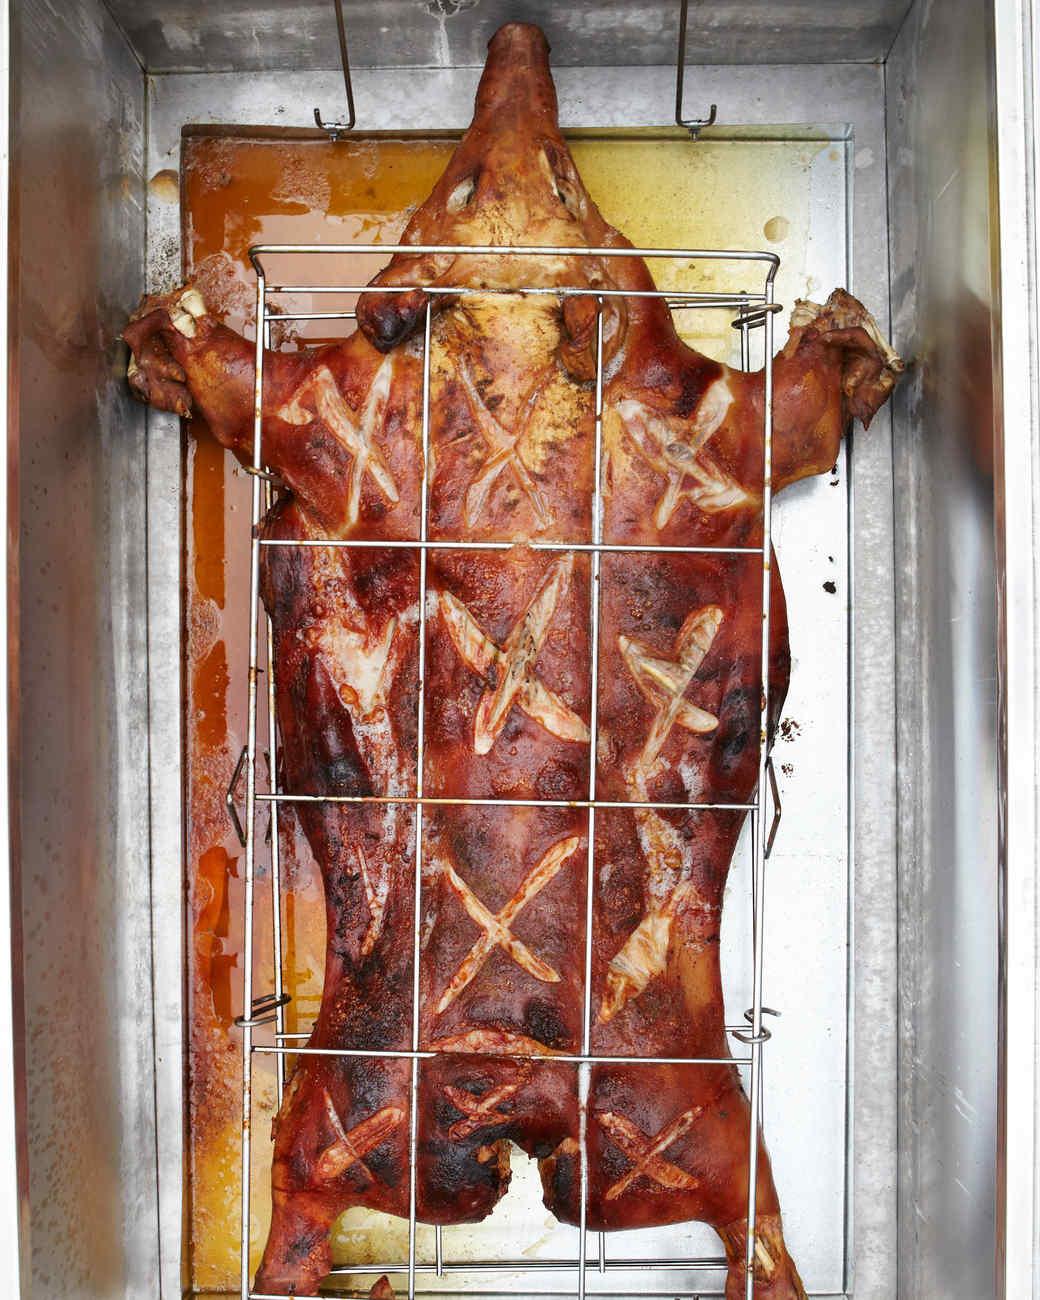 062411_cubanstyle_roast_pig.jpg